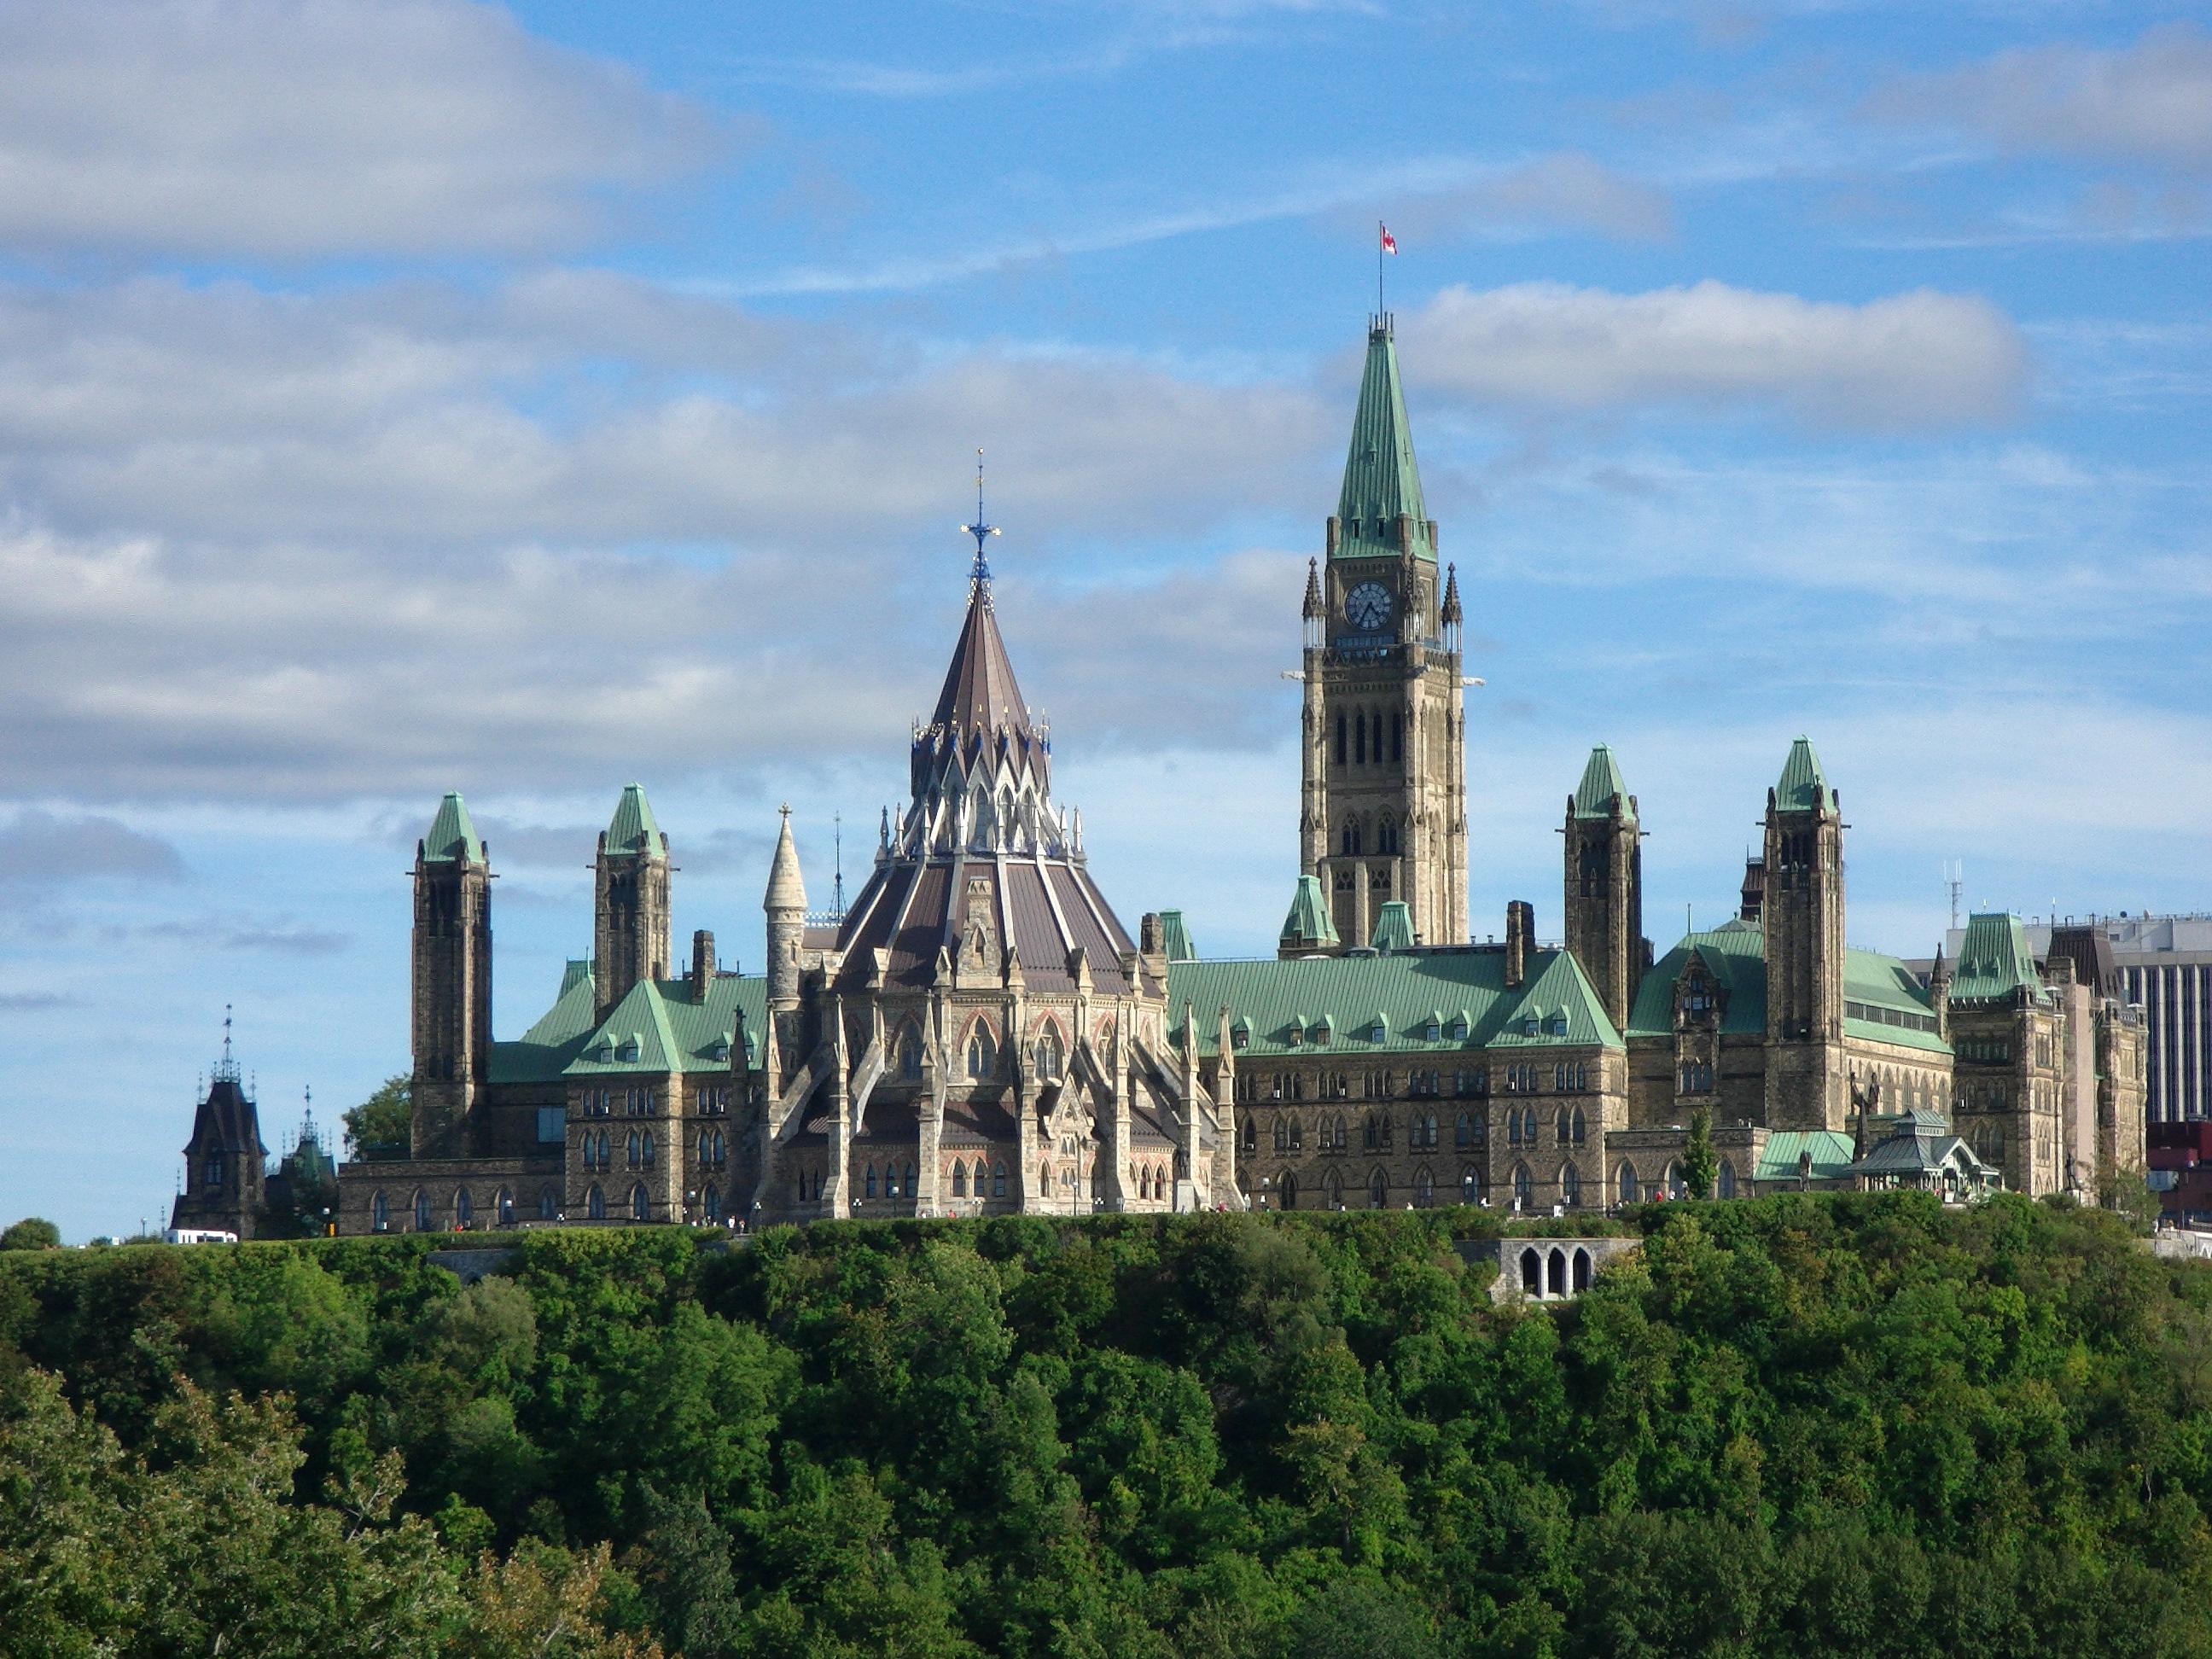 1、申领枫叶卡需要付申请费吗? a)对于在2002年6月28日以后首次登陆加拿大移民来讲,在该新移民向移民局提供邮寄地址之后,加拿大移民局将自动签发枫叶卡并邮寄给该新移民,无需支付申请费。 b)对于在2002年6于28日以前就已经登陆加拿大移民来讲,该移民要向移民局提出申请并支付每人50加币申请费。 2、申领枫叶卡是强制性的吗? 任何加拿大永久居民在2003年12月31日以后再次入境加拿大,都必须向边境相关人员出示枫叶卡来证明他们的永久居民身份。也就是说,对需要国际旅行的加拿大永久居民来讲,申领枫叶卡是强